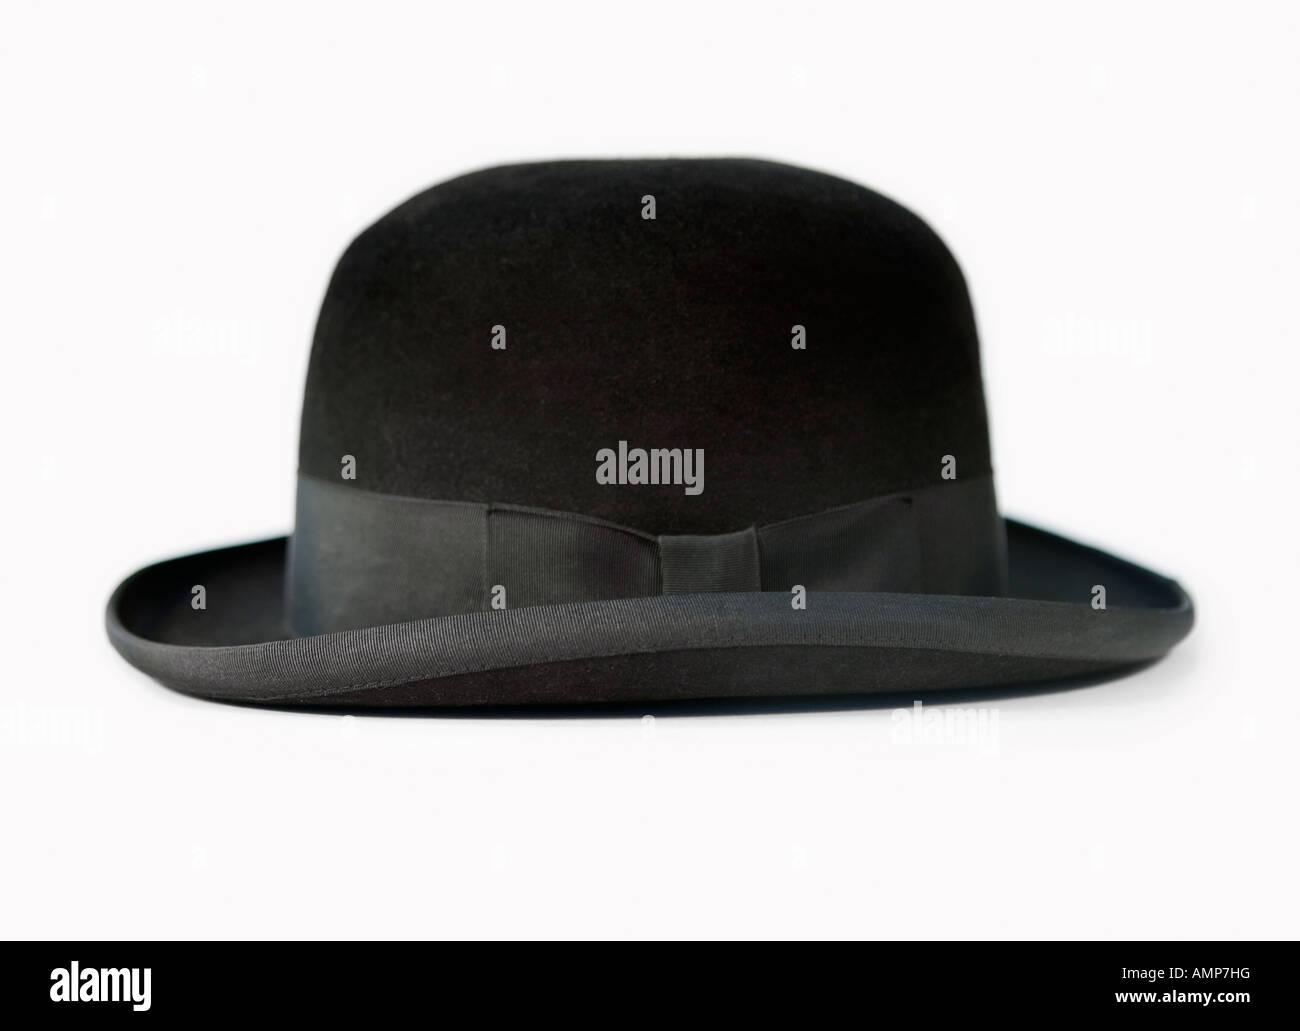 Bowler hat - Stock Image